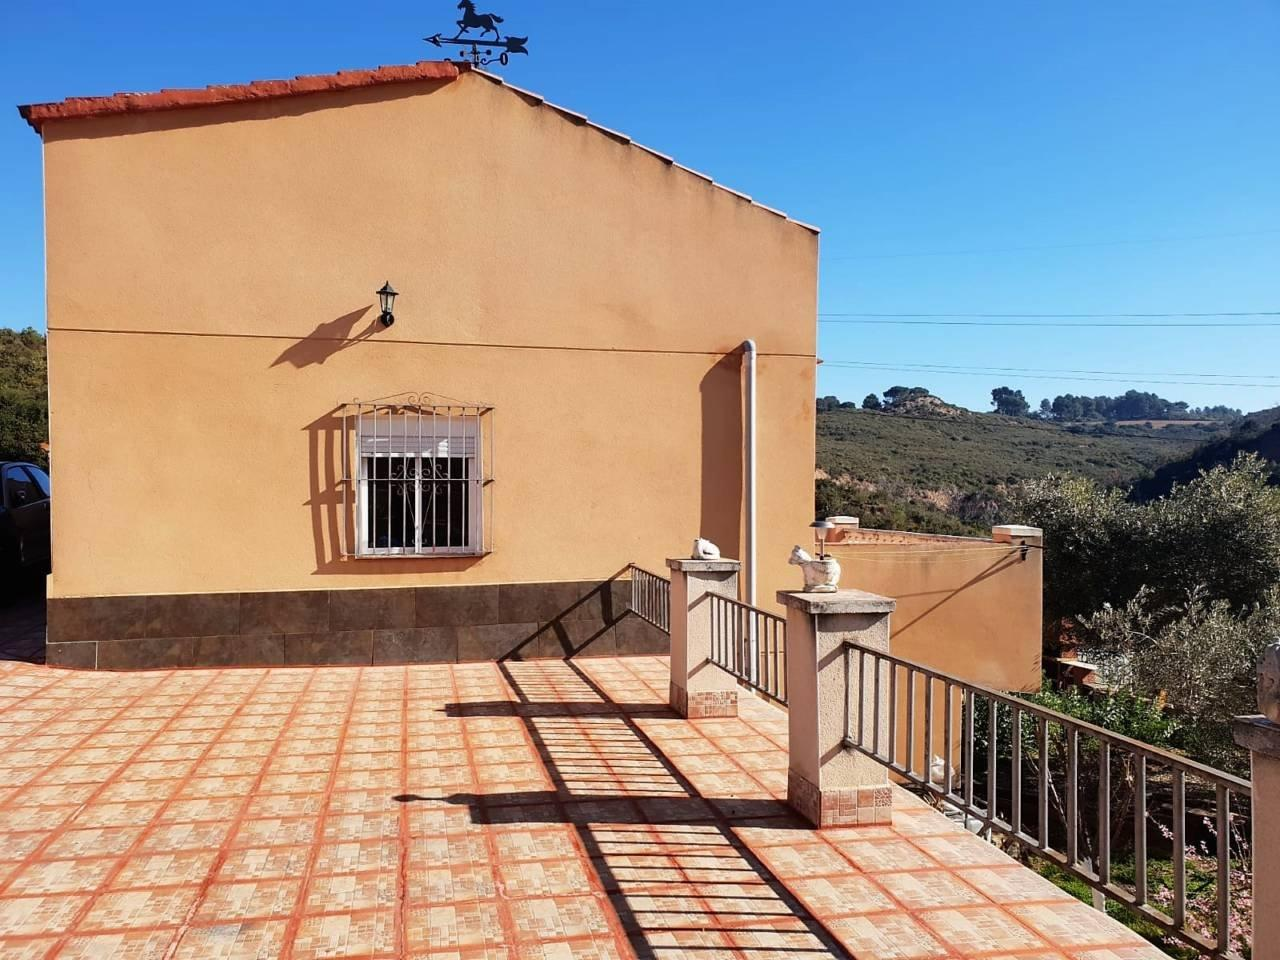 CASTELLBISBAL - Castellbisbal